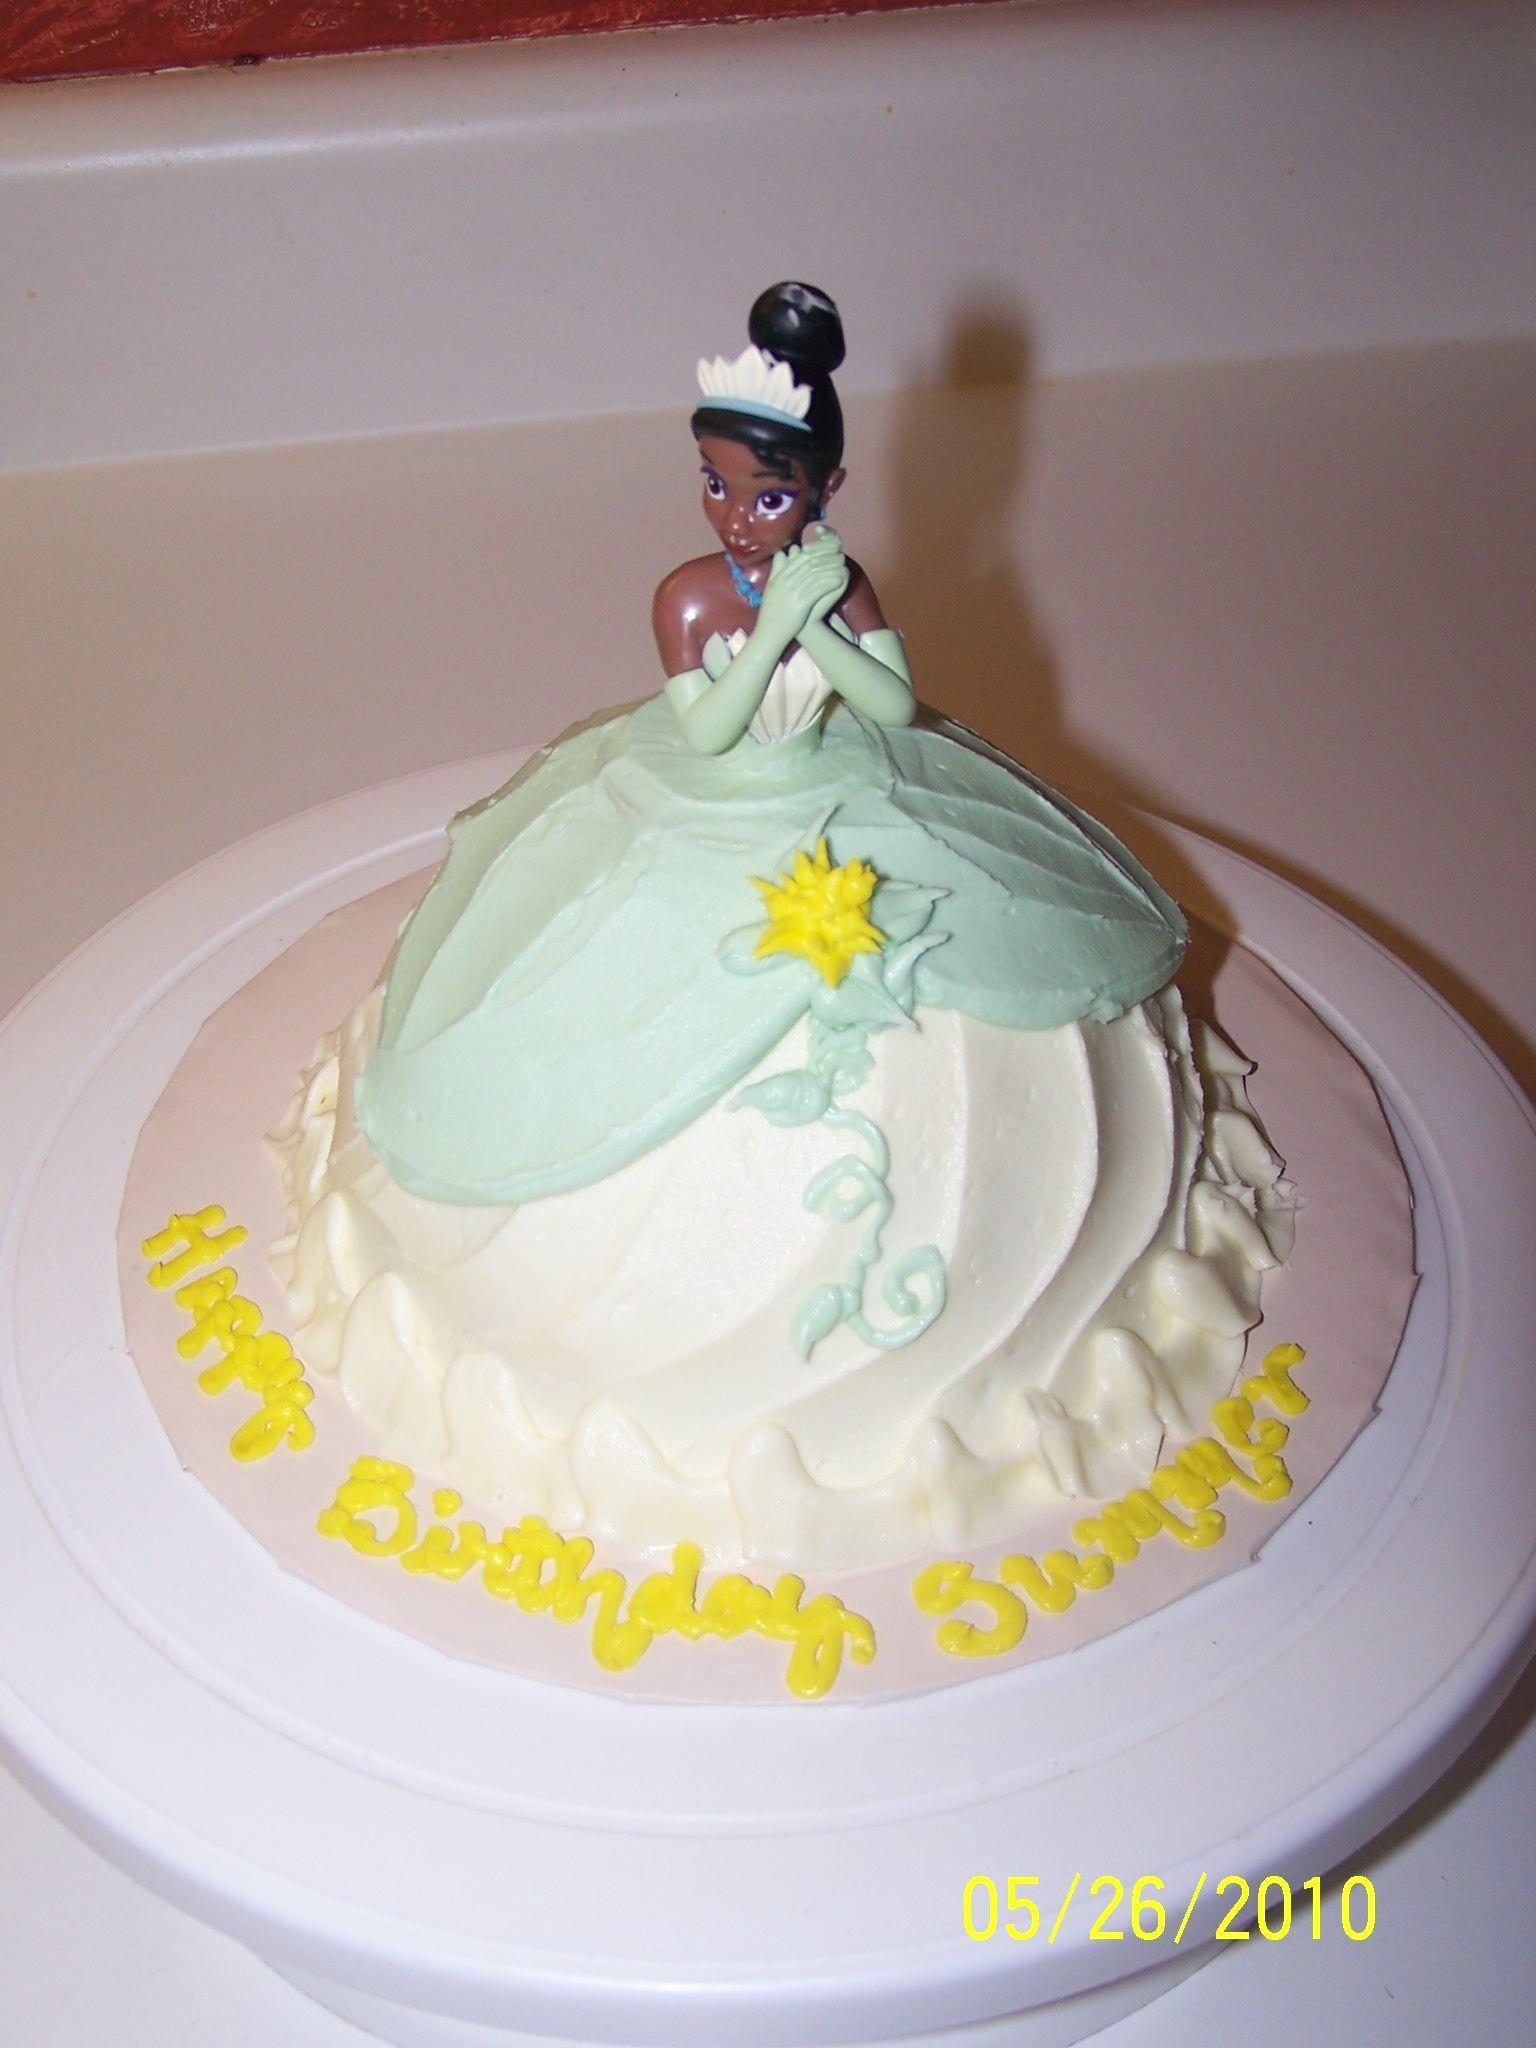 Princess Tiana Cake Images : Princess Tiana, omg my birthday cake! My Things?? Pinterest